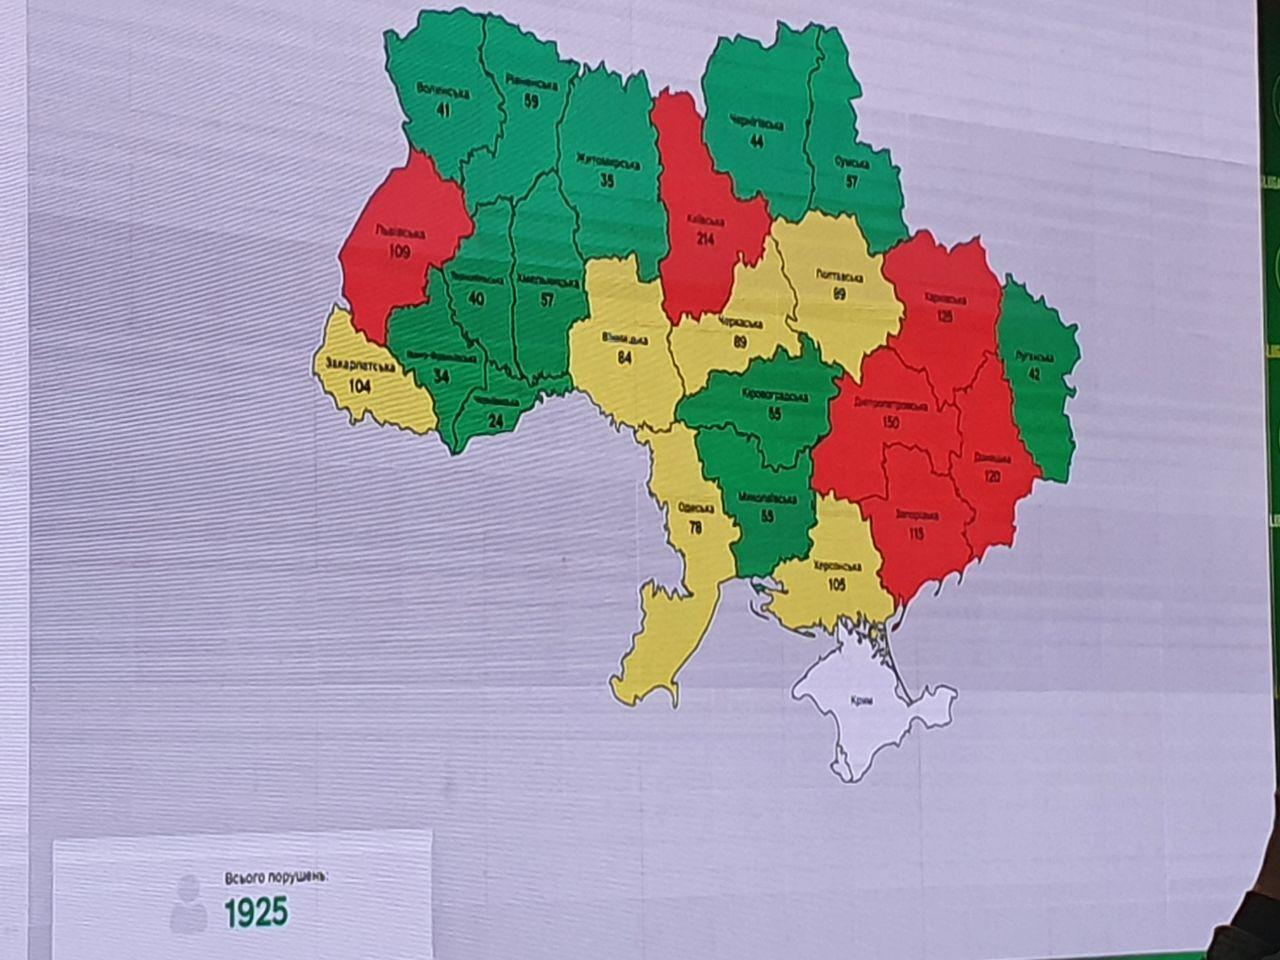 Нарушения на выборах по областям Украины